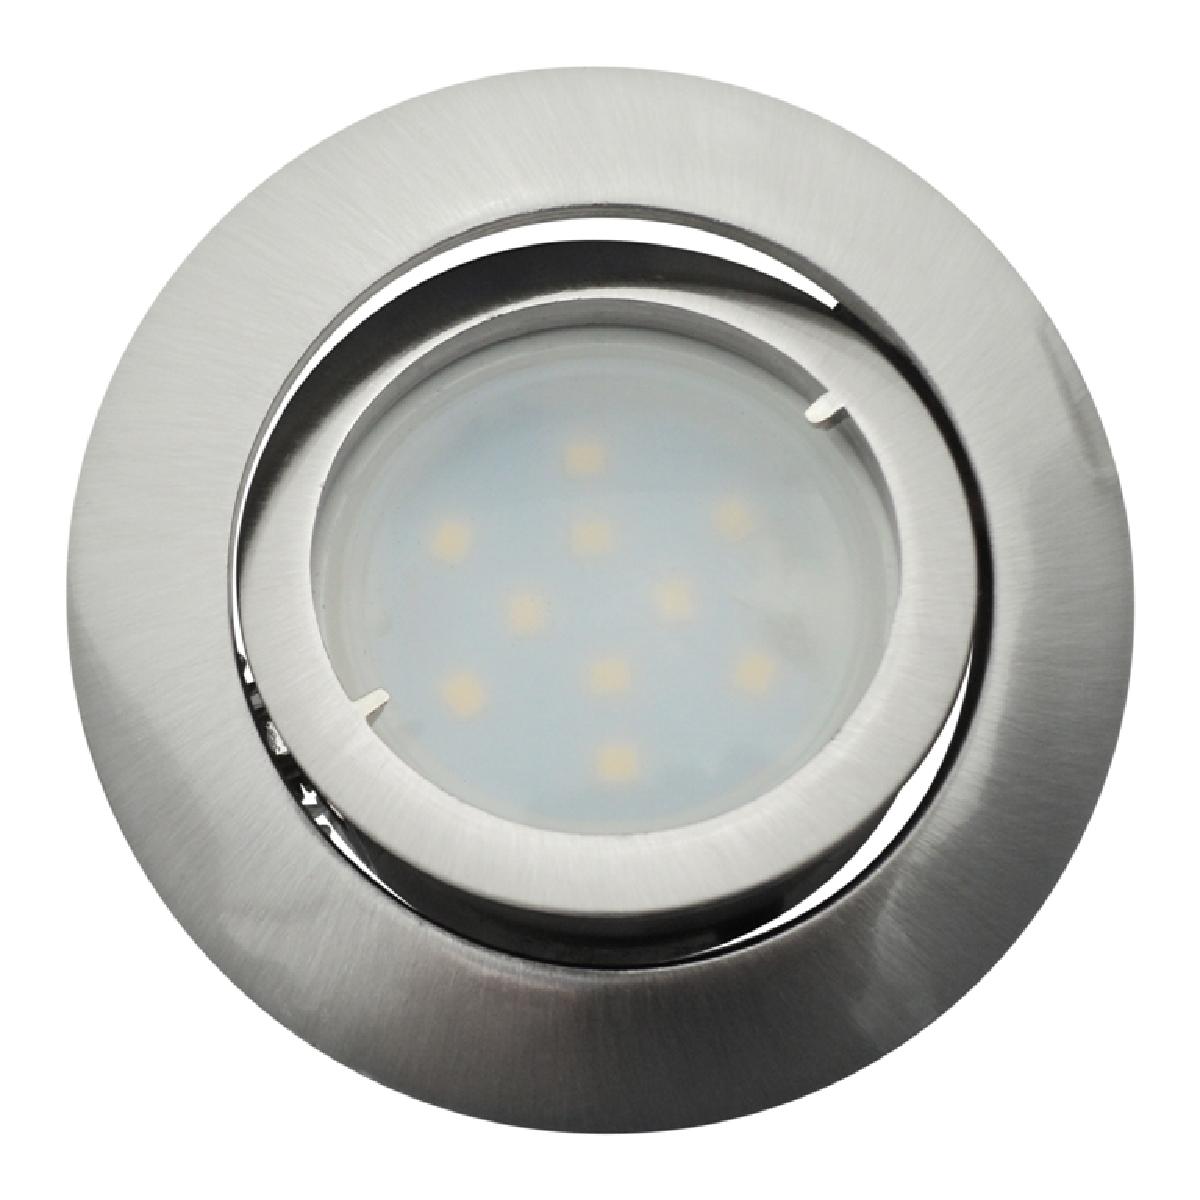 Eurobryte Lot de 20 Spot Led Encastrable Complete Satin Orientable lumière Blanc Chaud eq. 50W ref.209